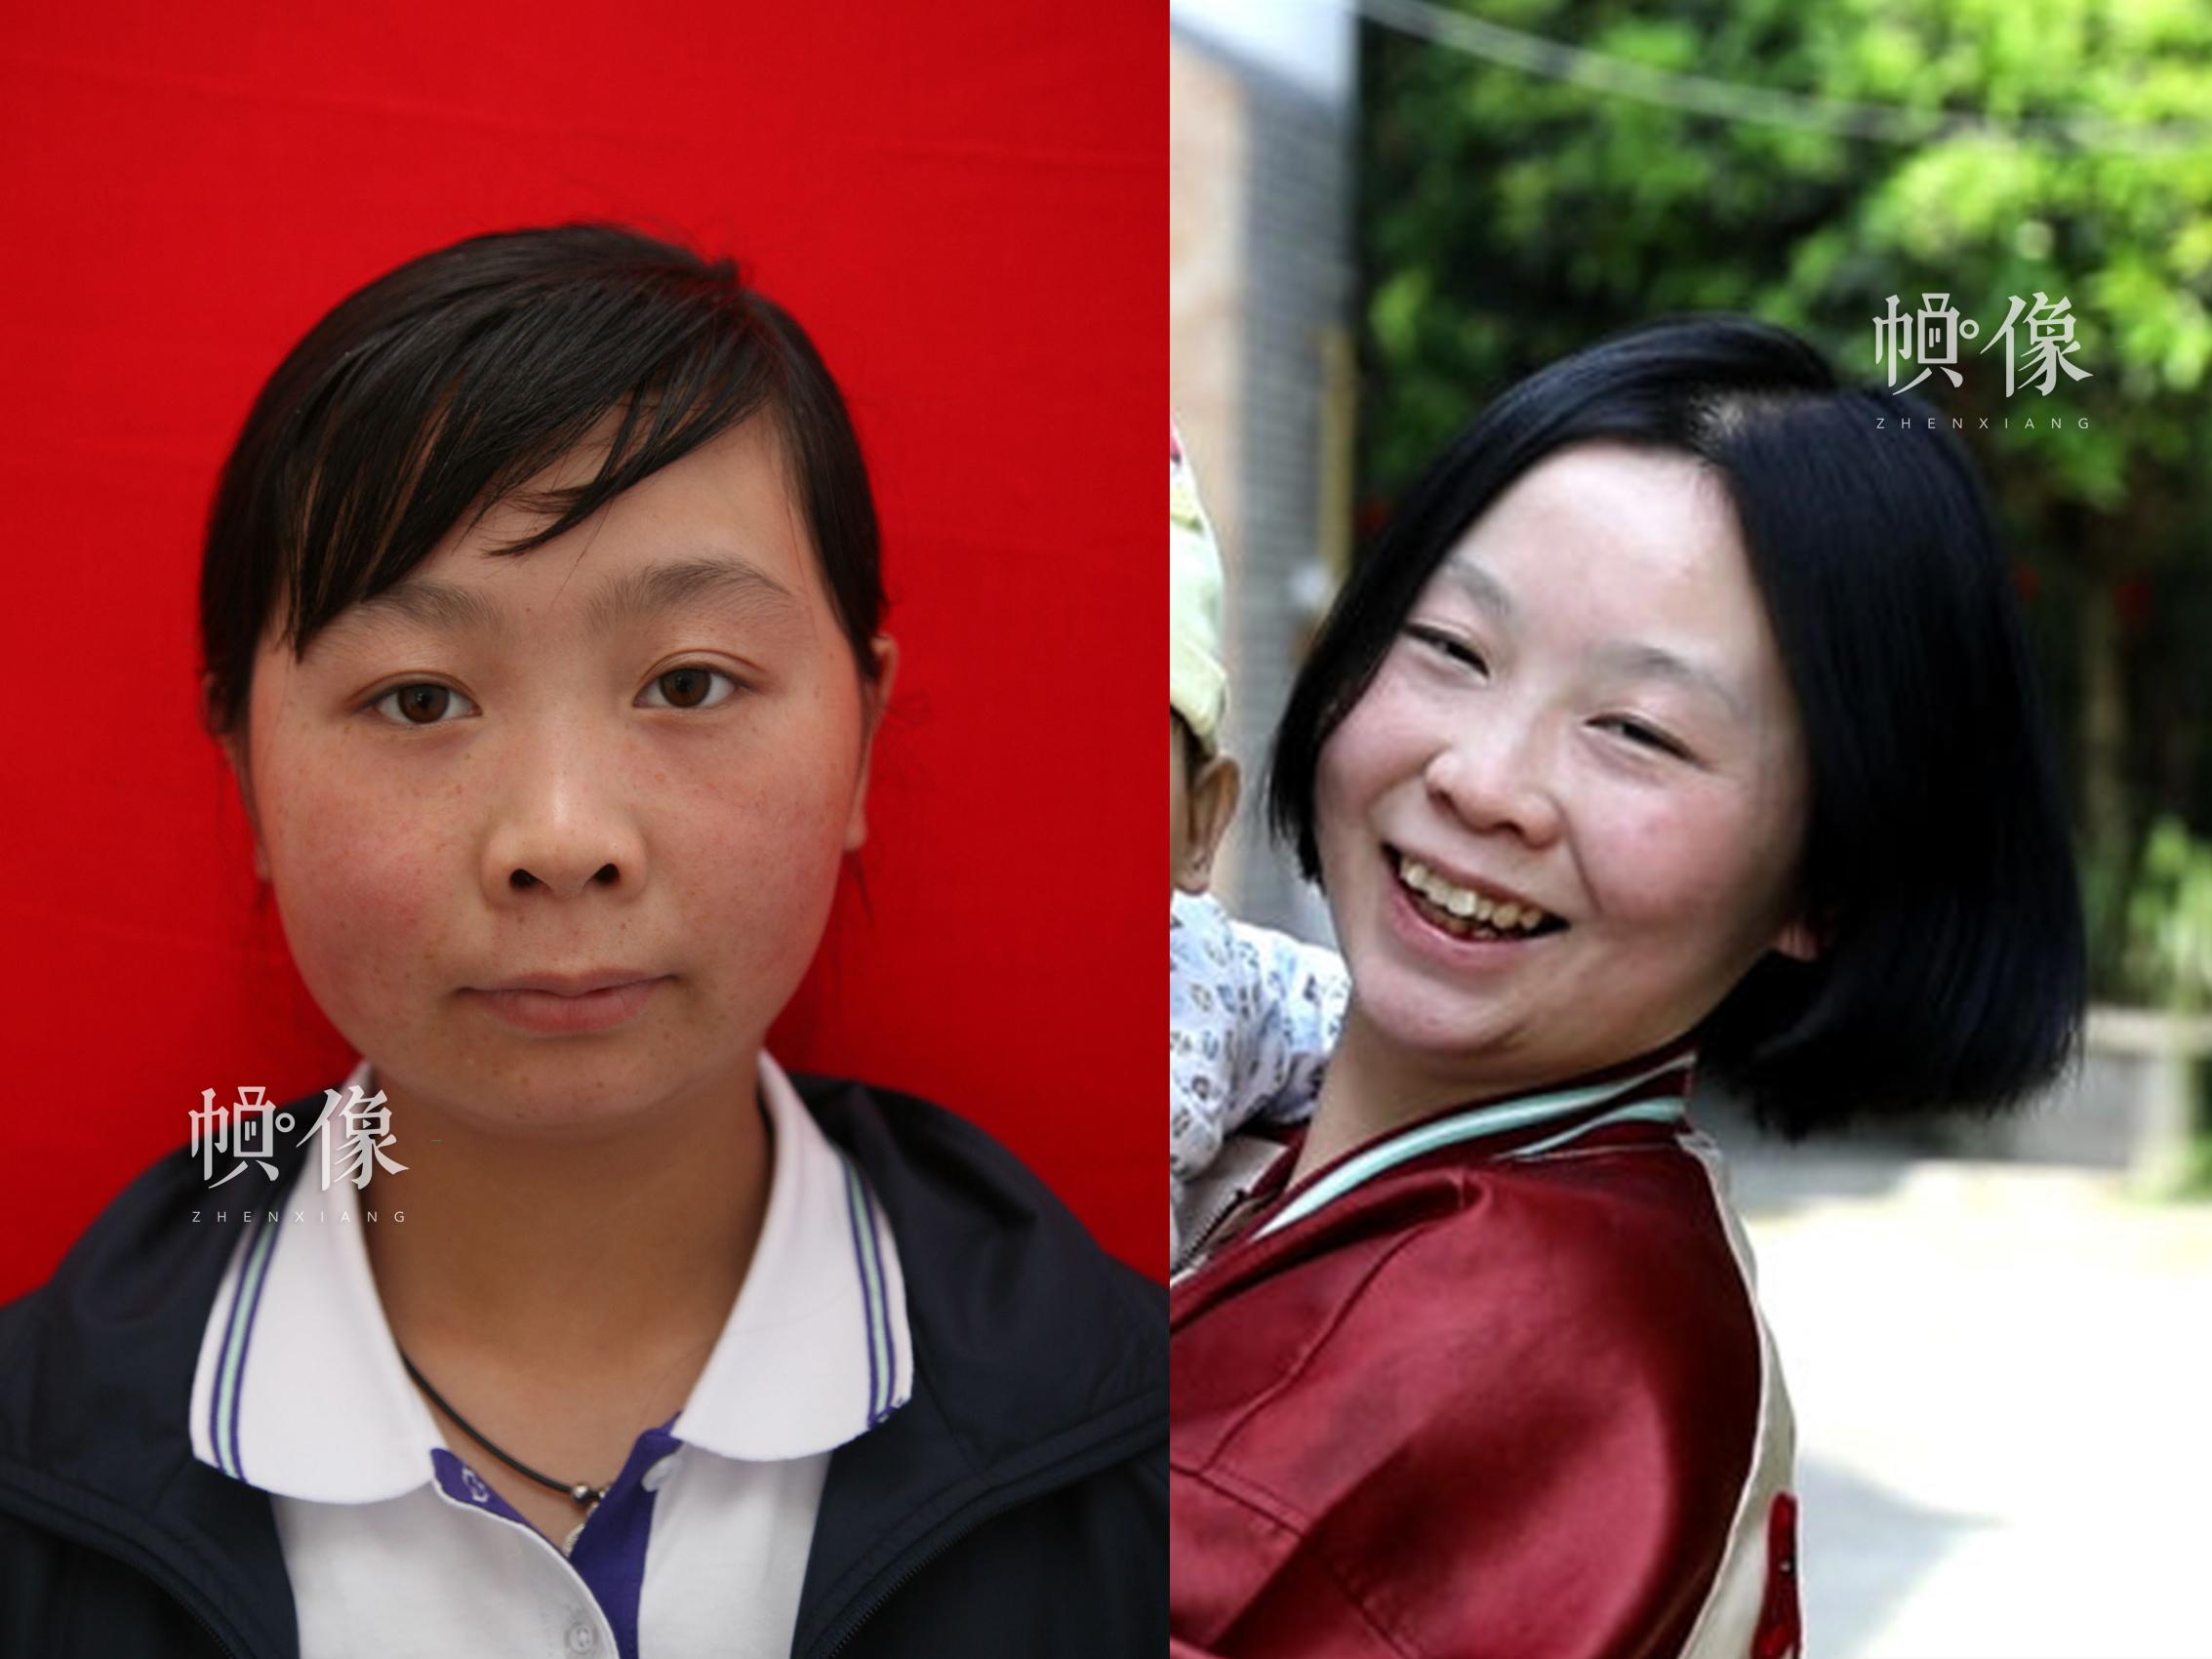 512地震孤兒趙花容10年前與現在的對比照,如今她已經結婚生子,有一個可愛的寶寶。安康家園供圖(左),祁 攝(右)